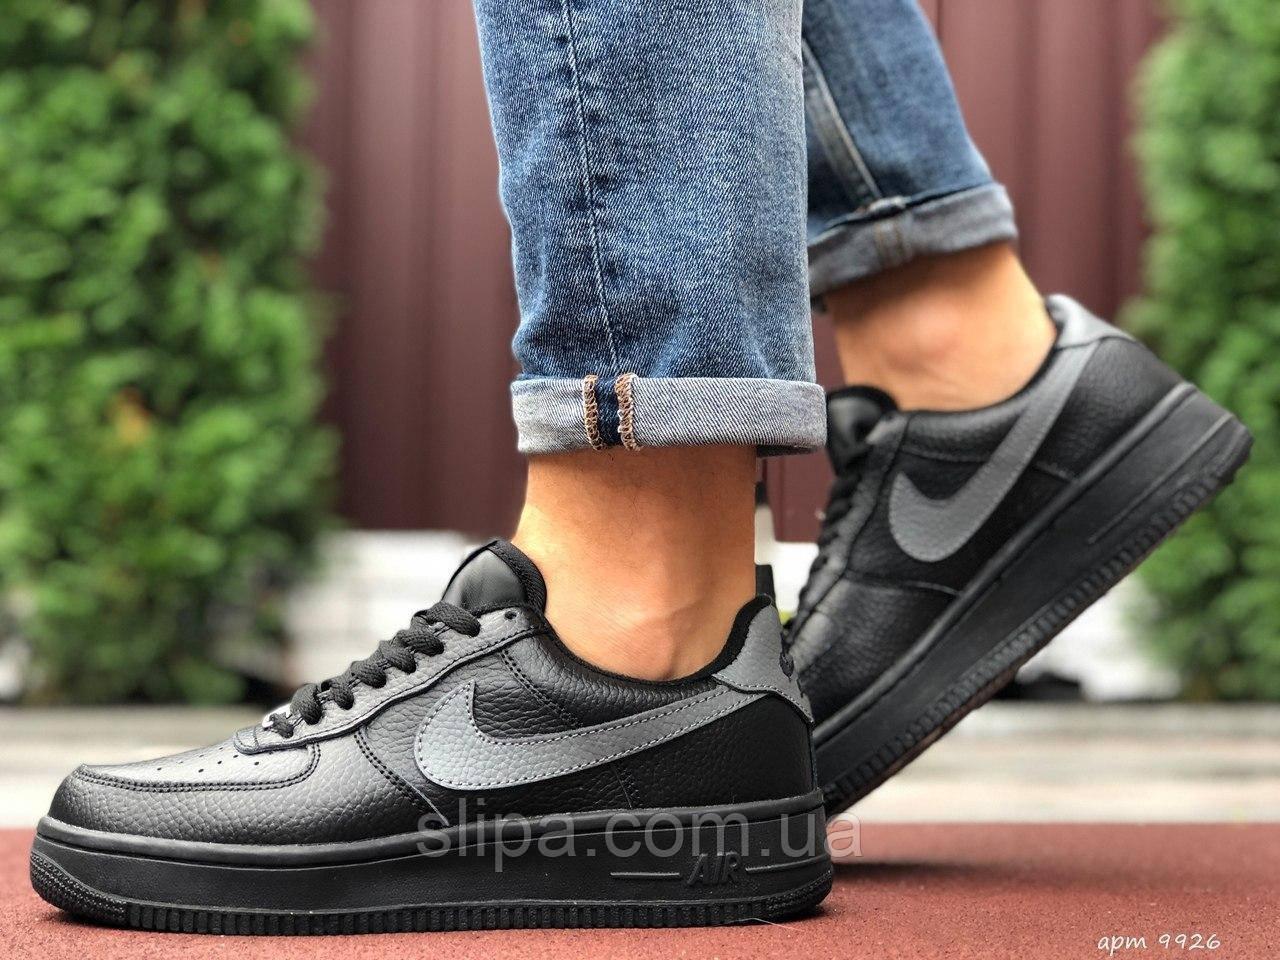 Чоловічі шкіряні зимові кросівки Nike Air Force чорні з сірим лого